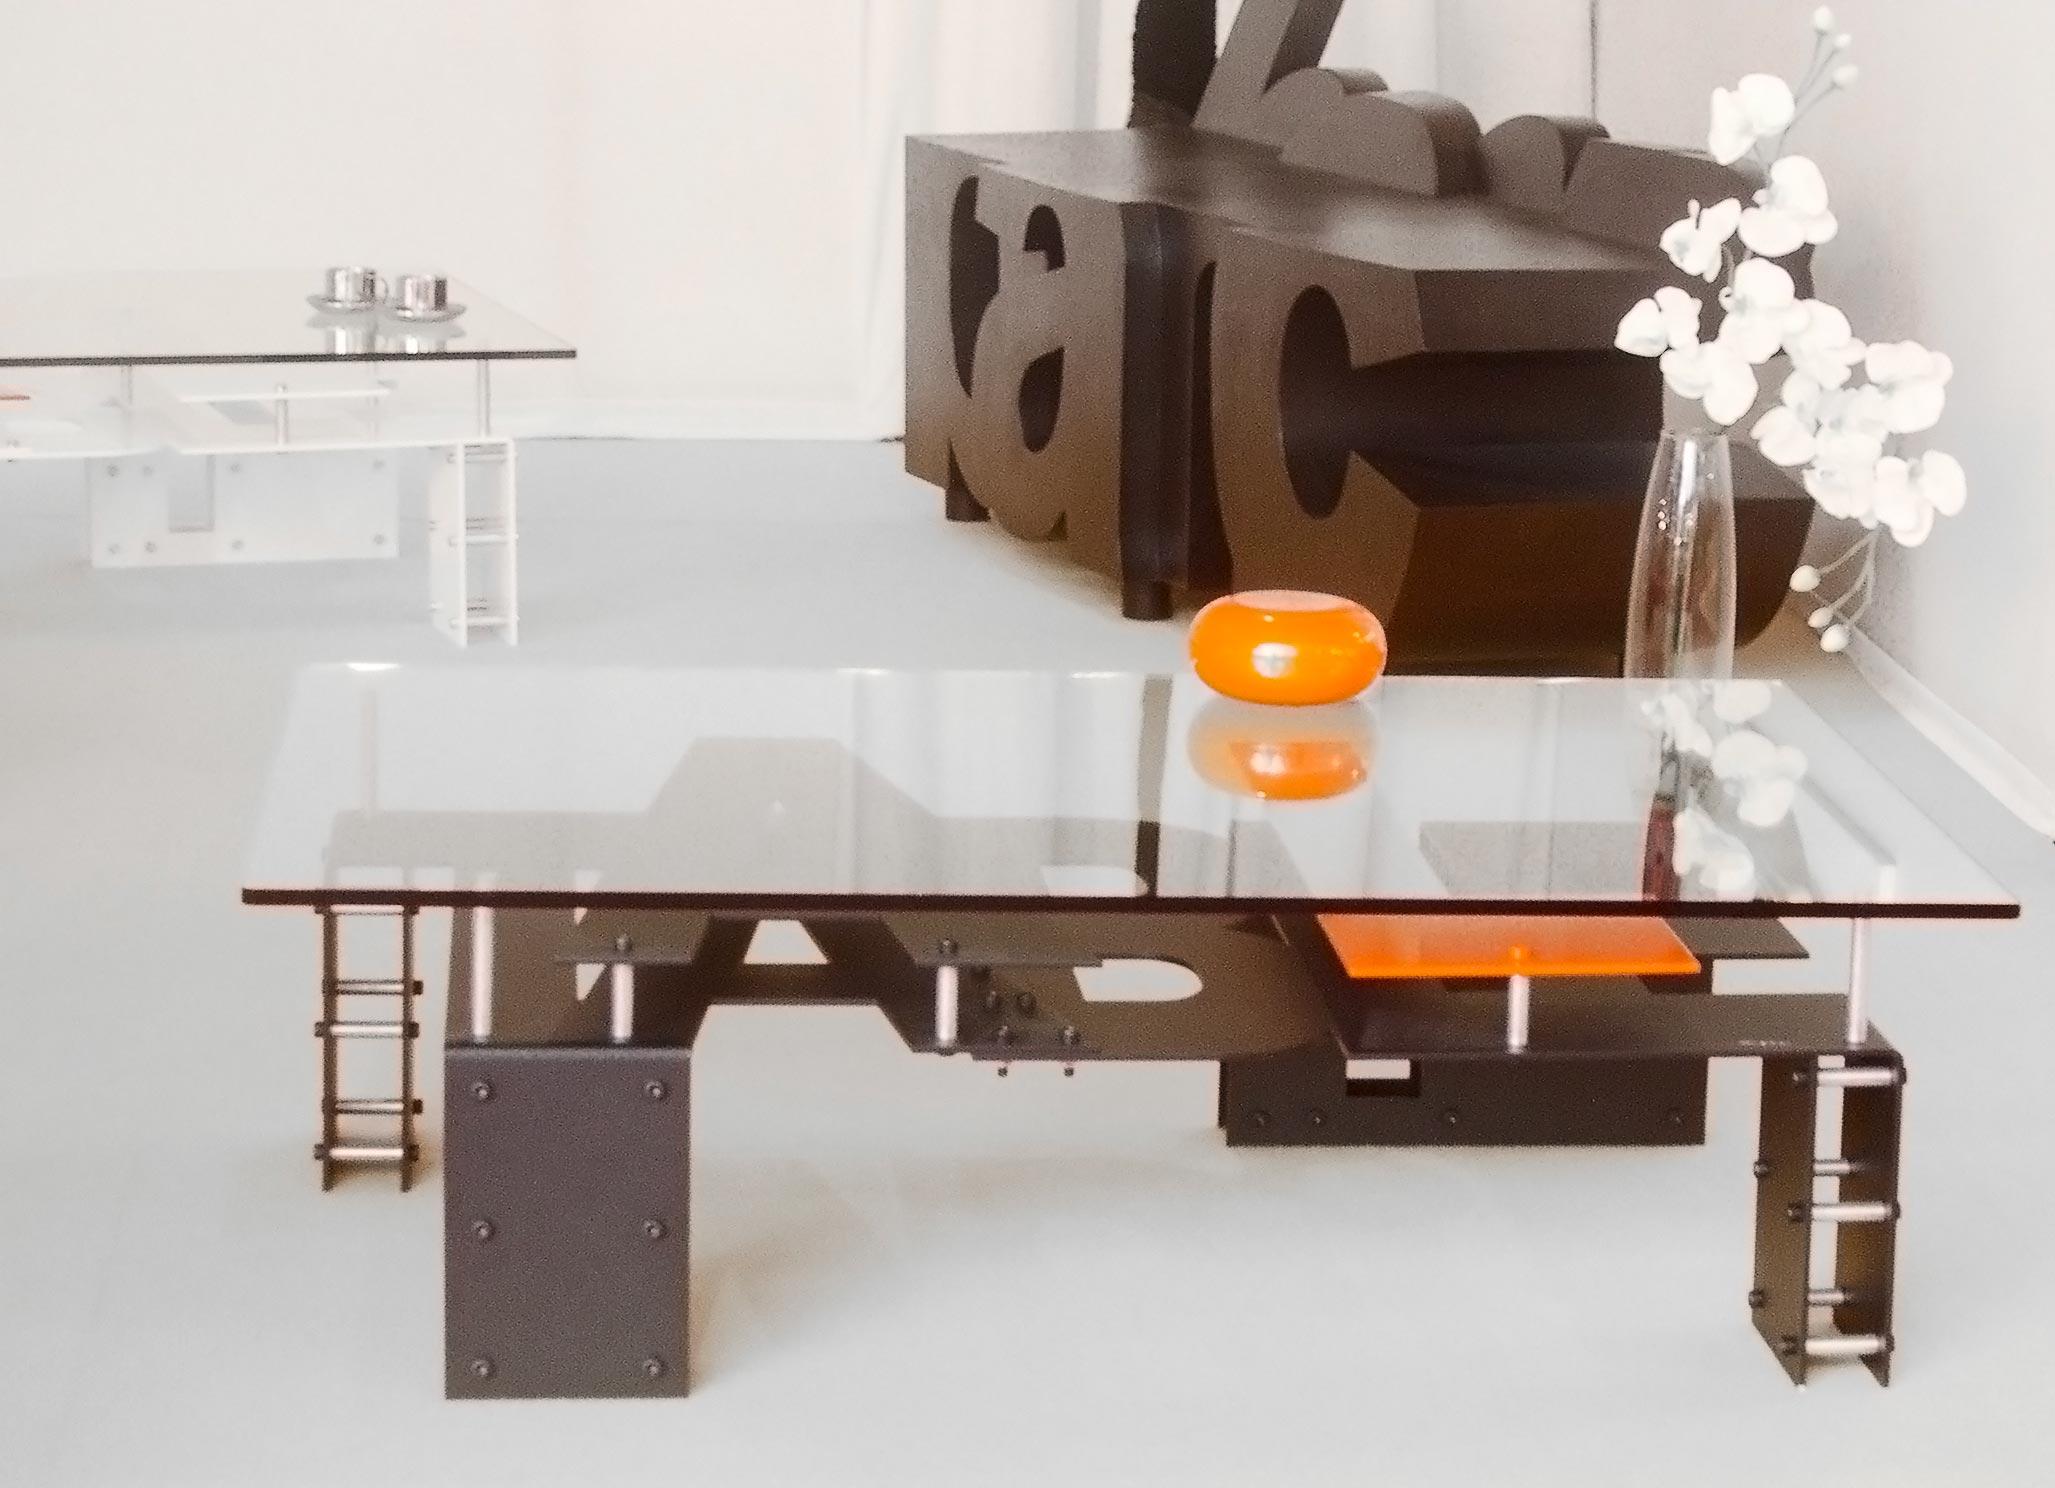 Table  (2005) | aluminium et dalle de verre | 110 x 70 x 35 cm | oeuvre originale | En arrière plan :  Banc  (2005) | aluminium | 90 x 160 x 50 cm | oeuvre originale